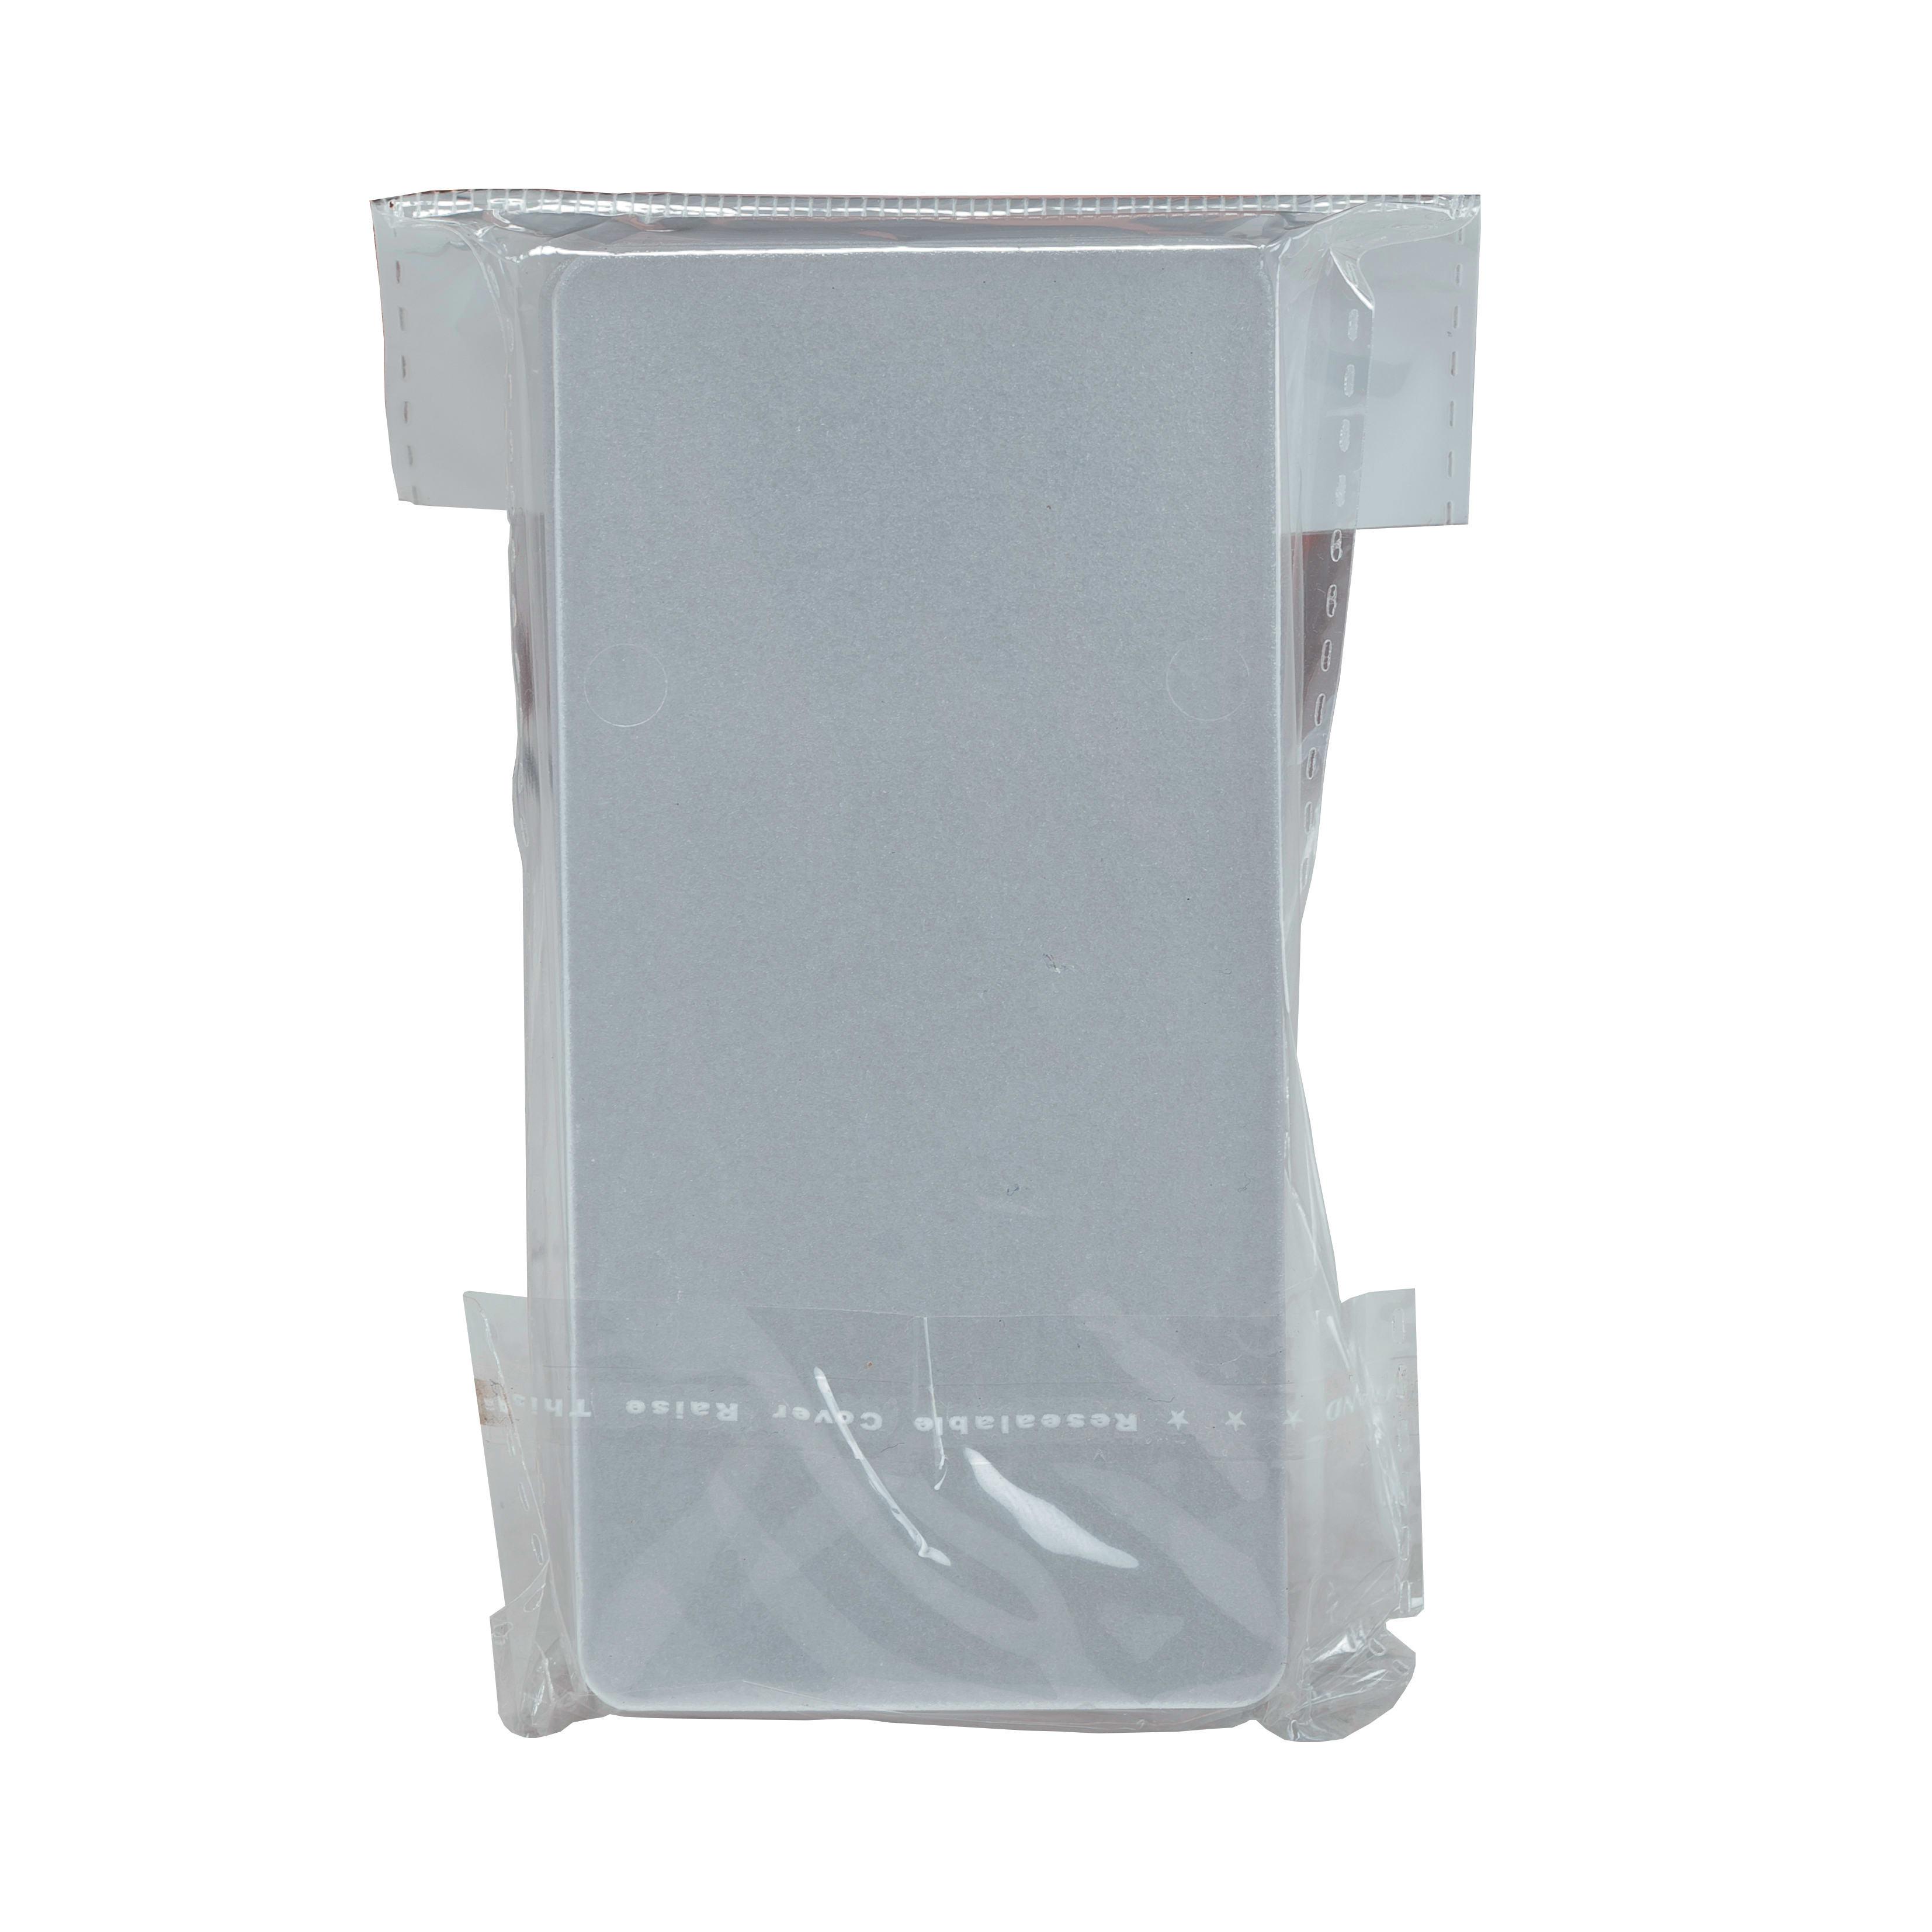 Divisori In Plastica Per Terrazzi separatore per contenitore stanley confezione 10 divisori grandi in  plastica trasparente